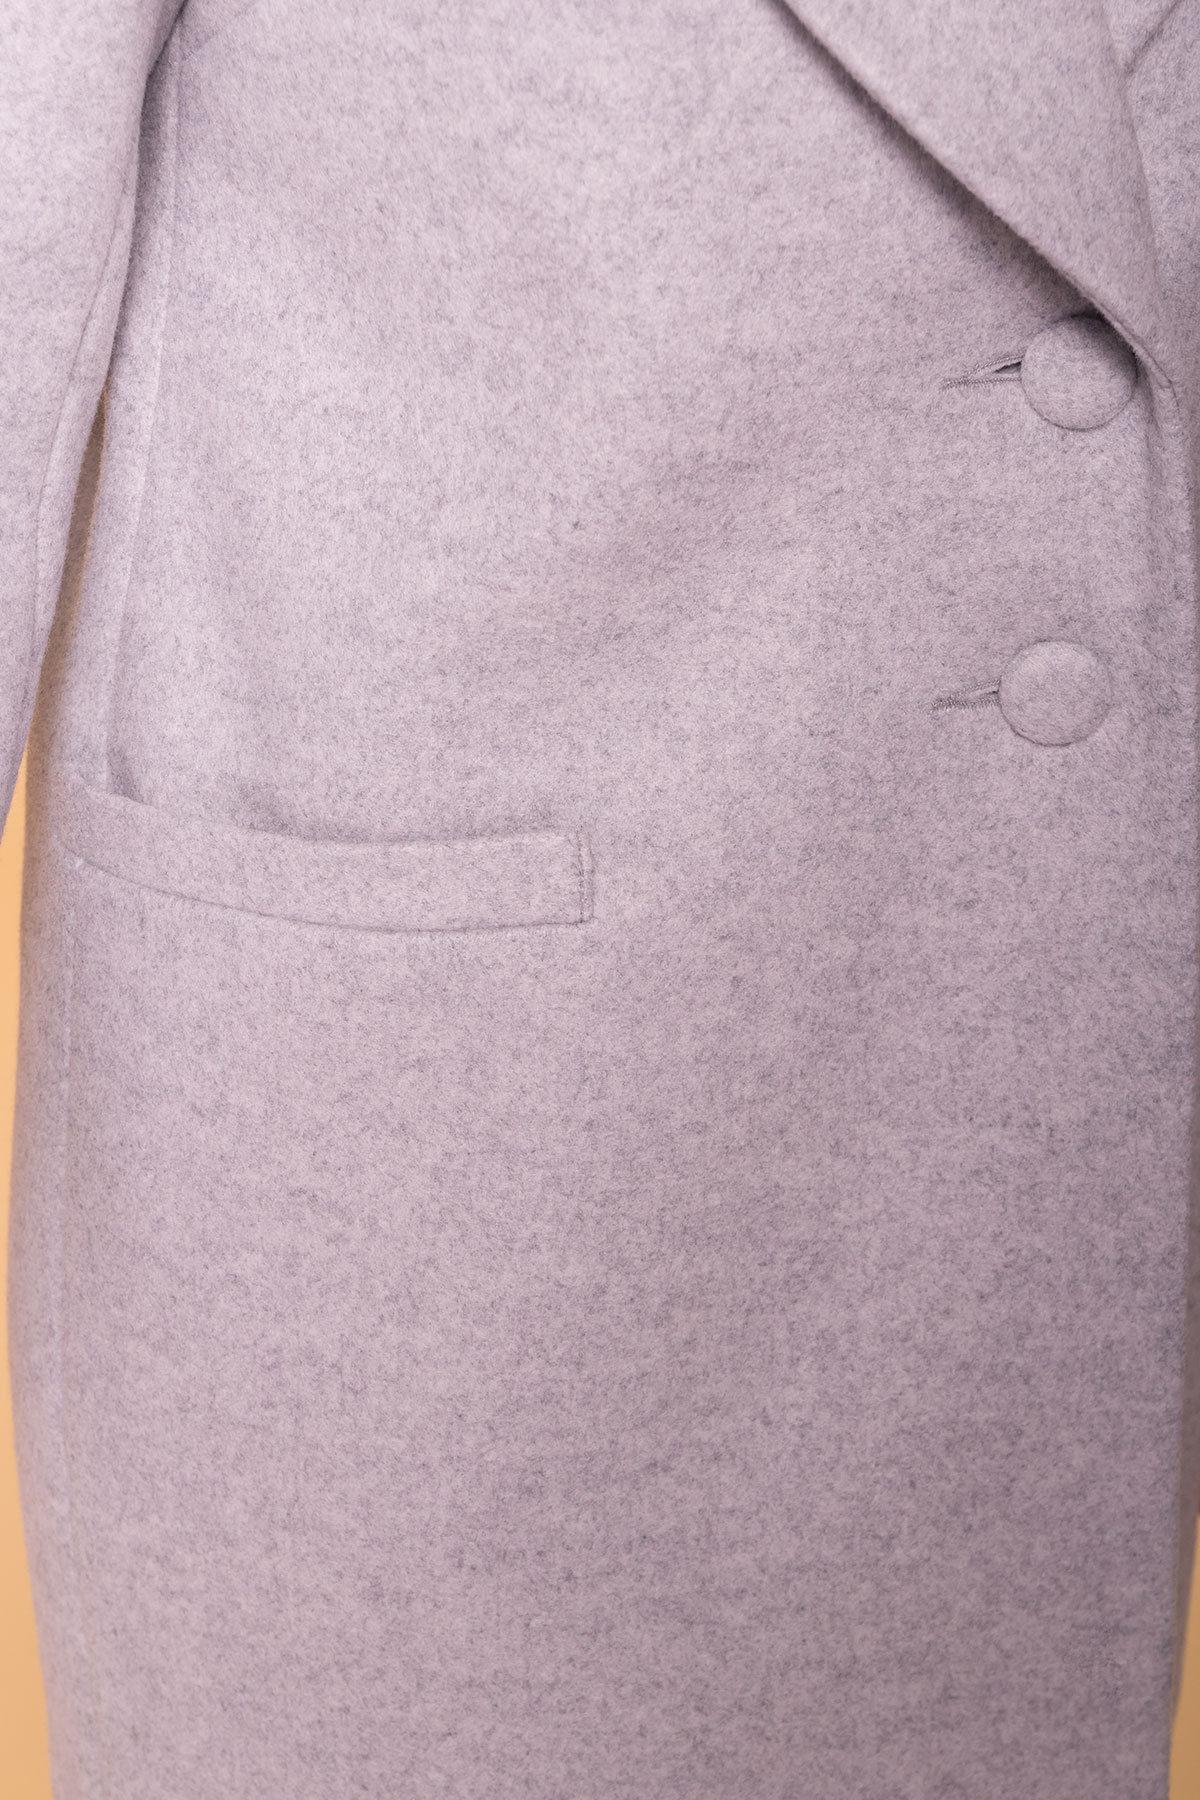 Пальто Вива 5536 Цвет: Серый Светлый 27